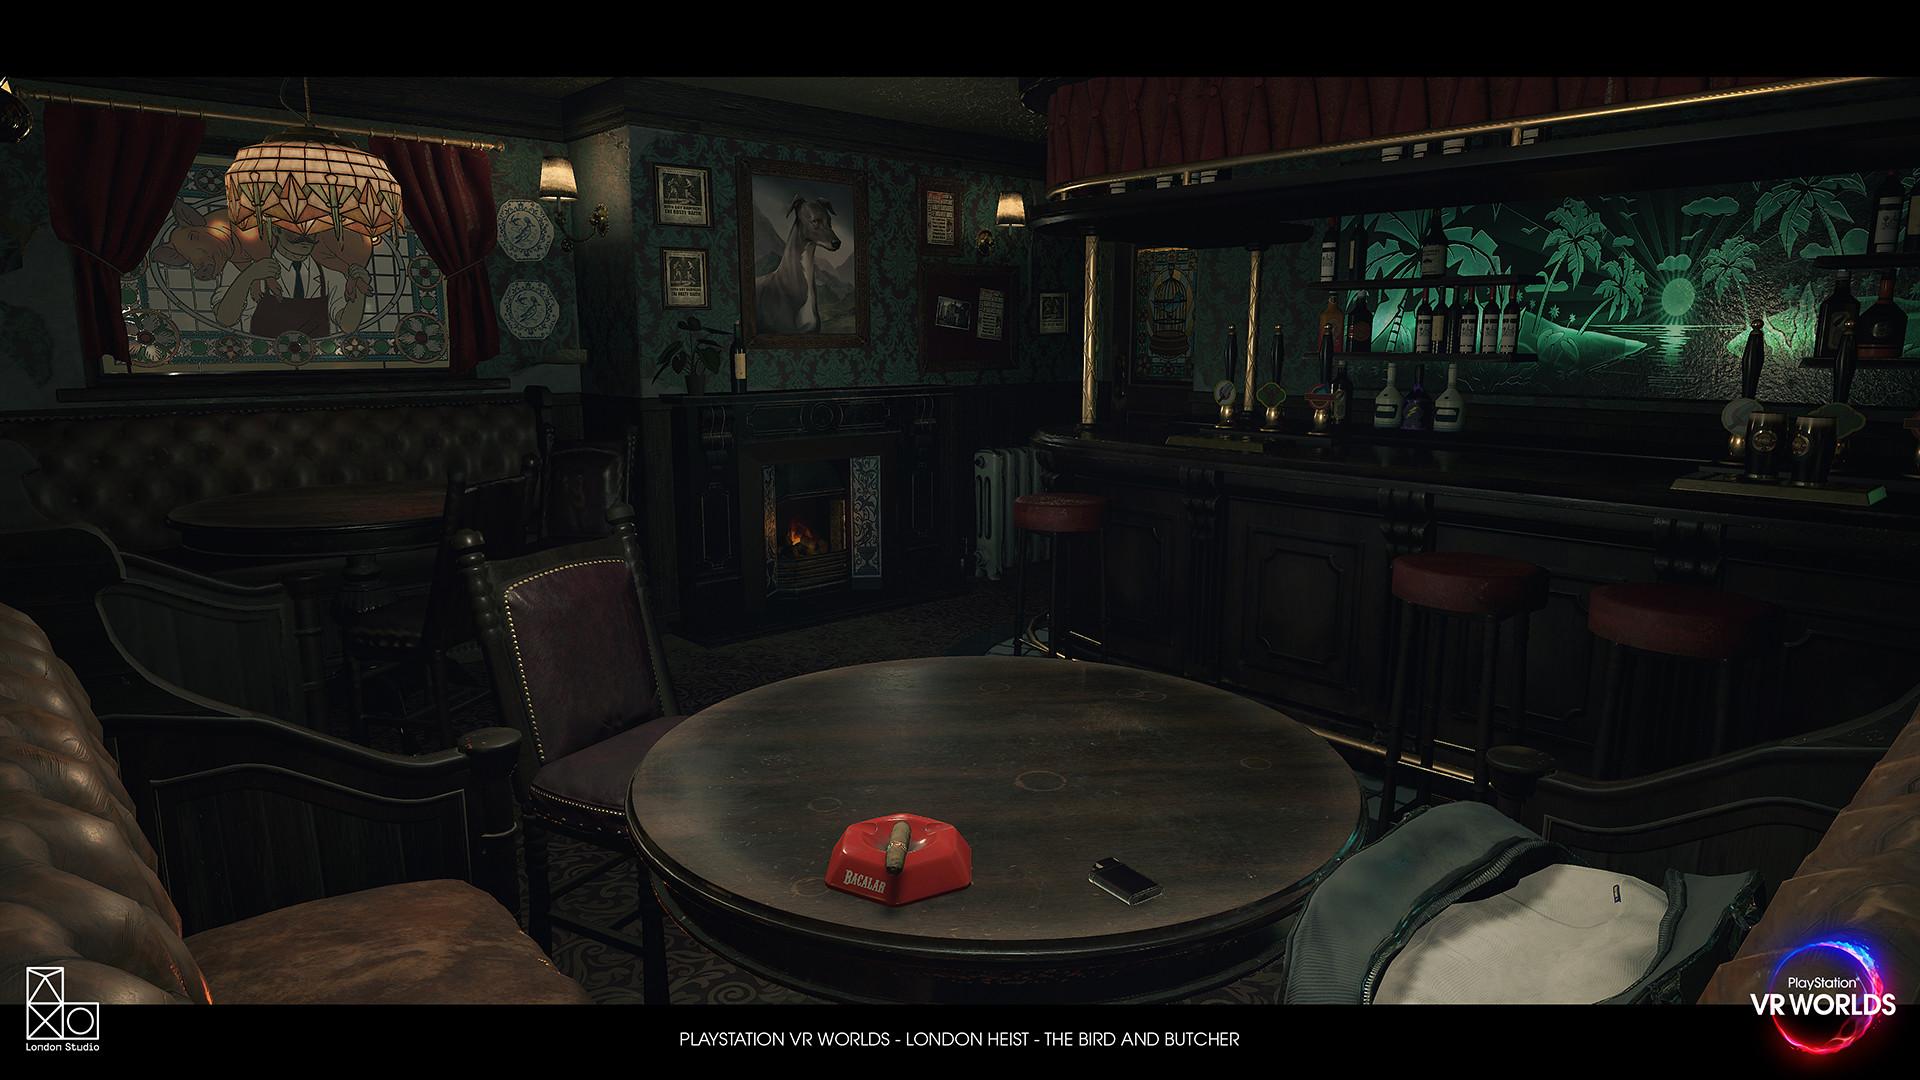 David nicholls pub 001